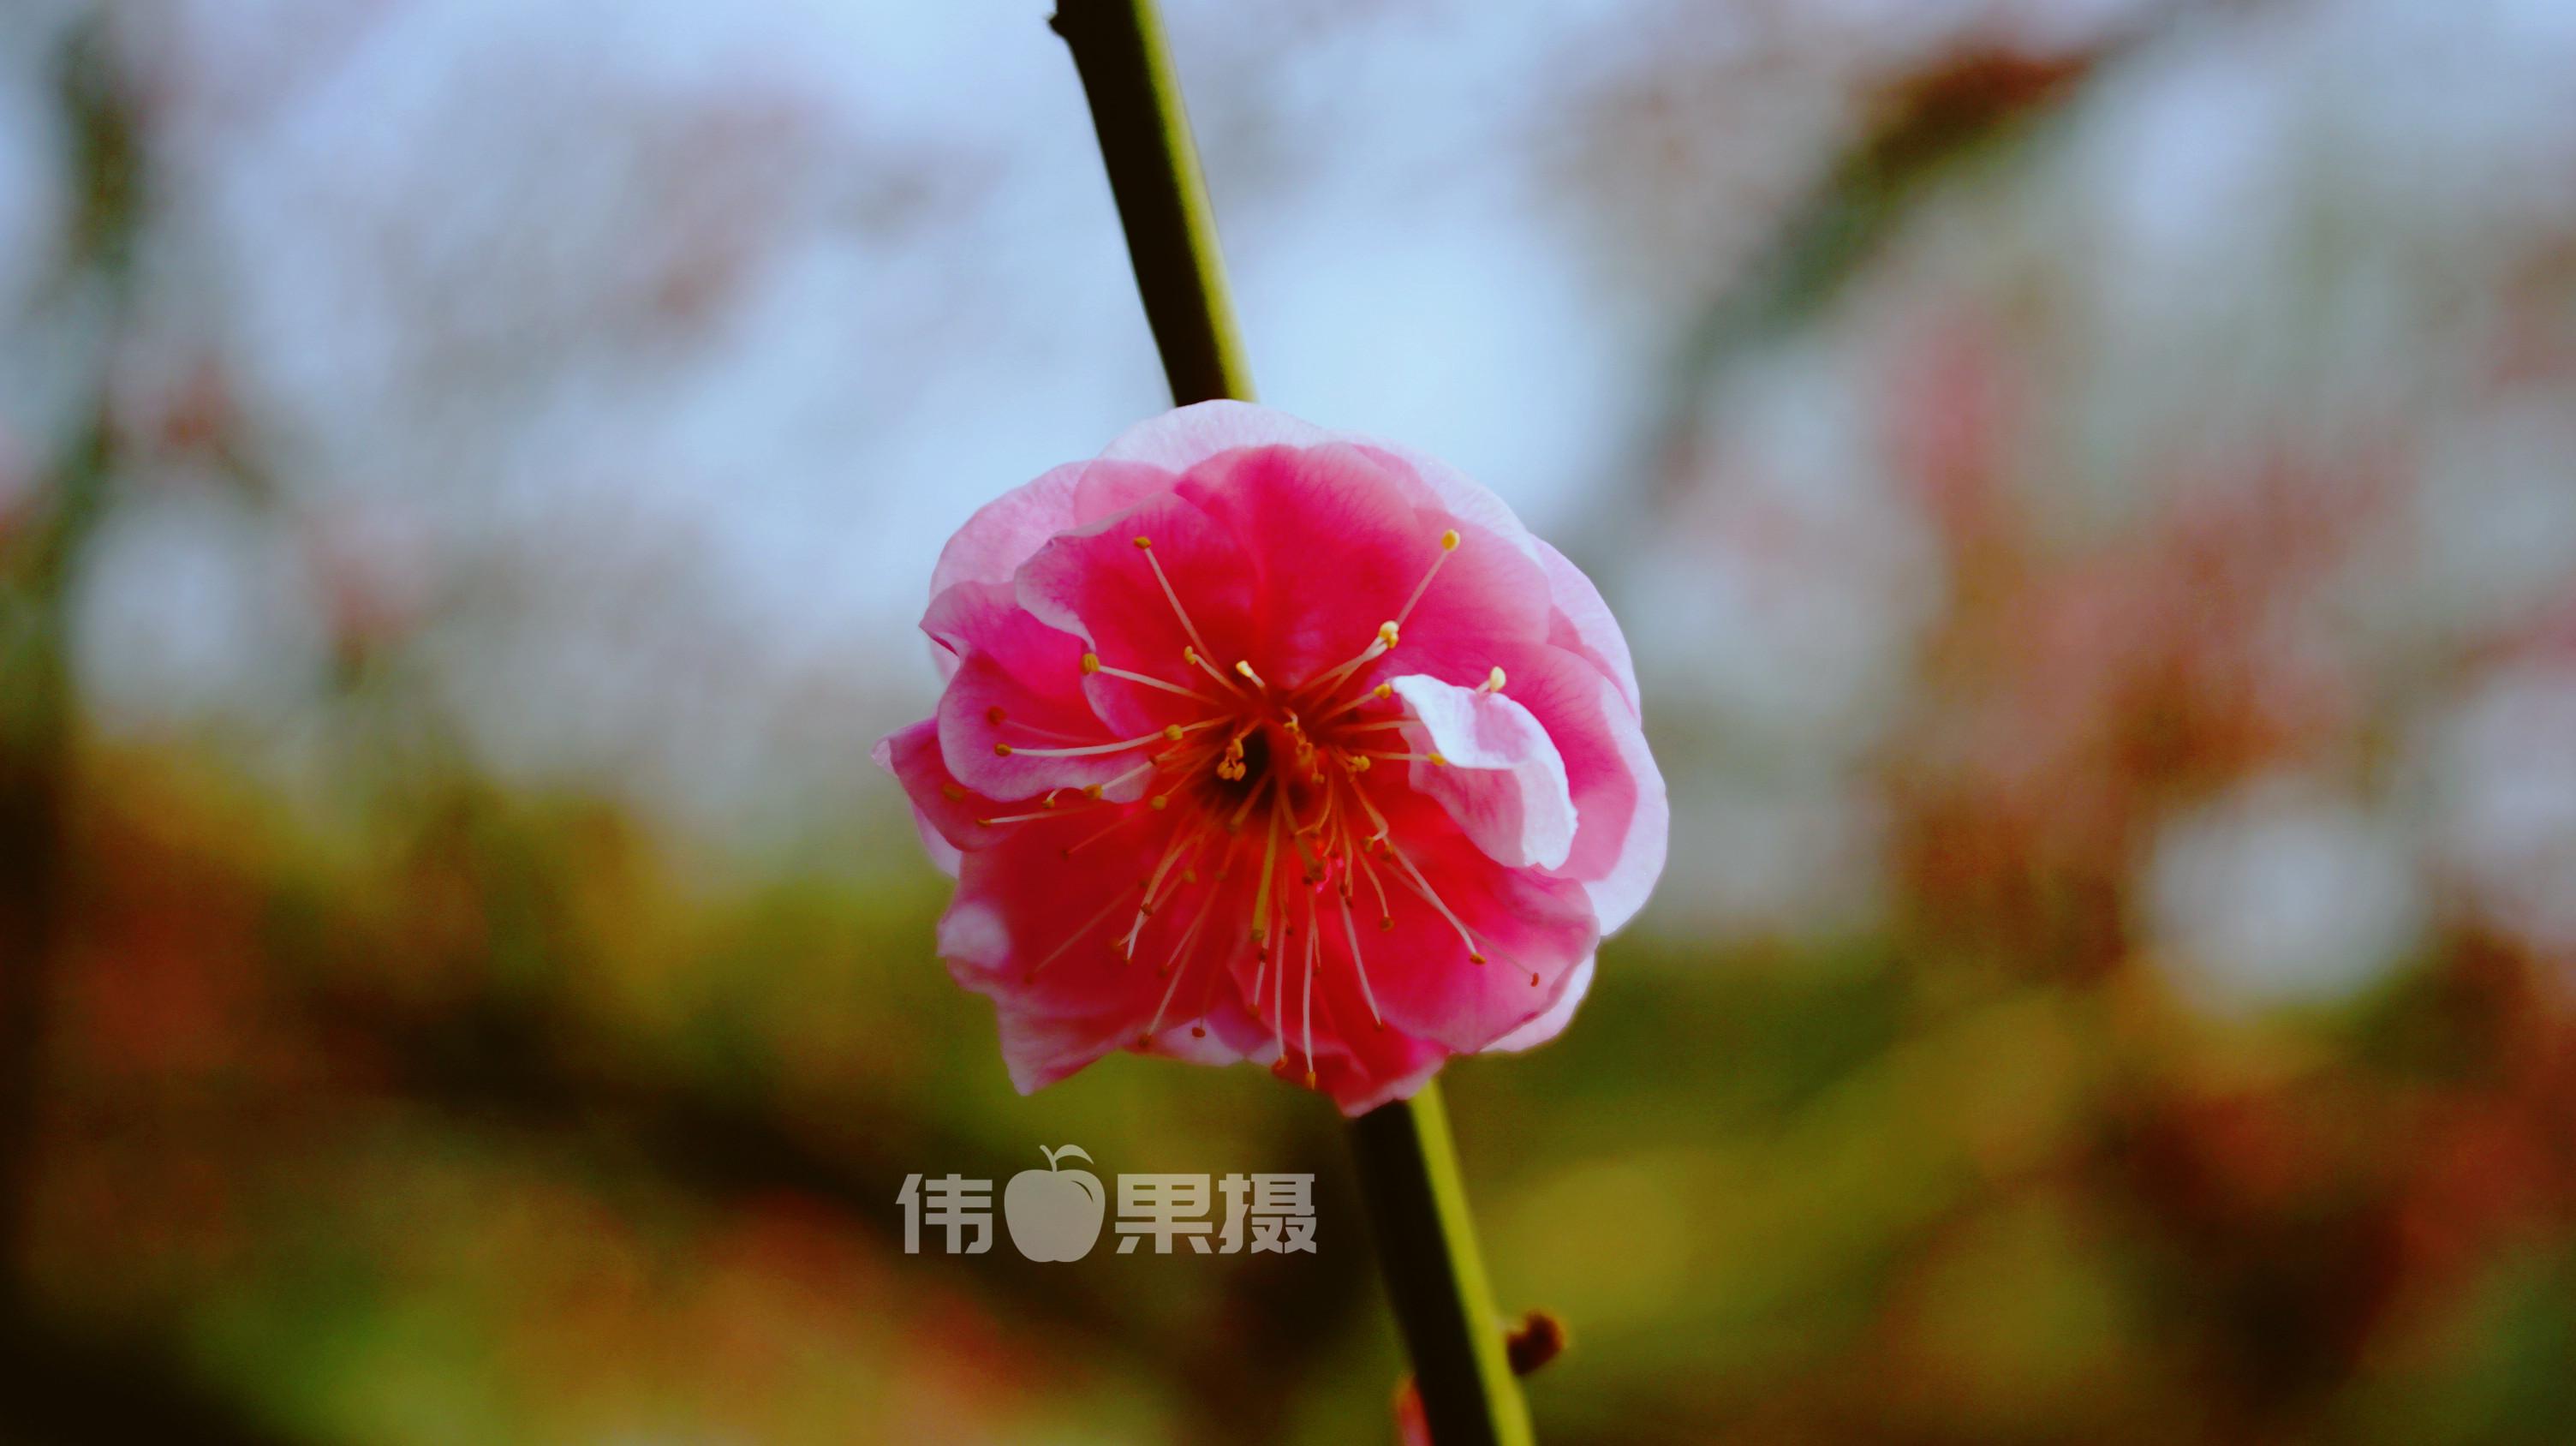 梅花图片 (10)_副本.jpg